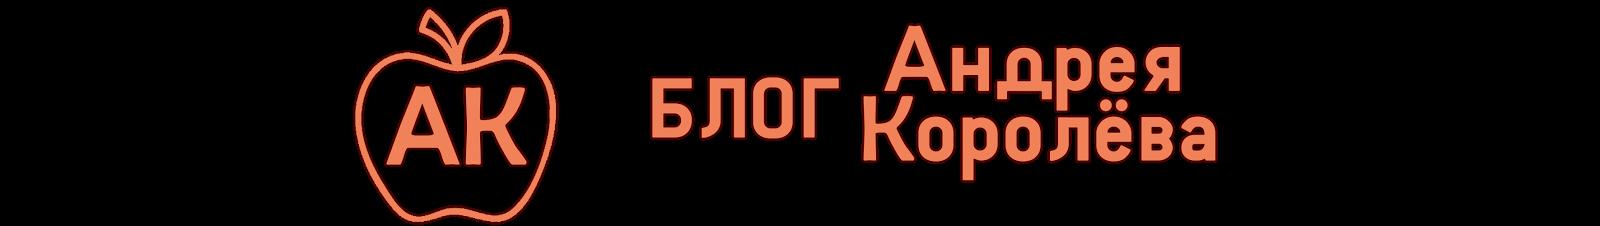 Блог Андрея Королёва